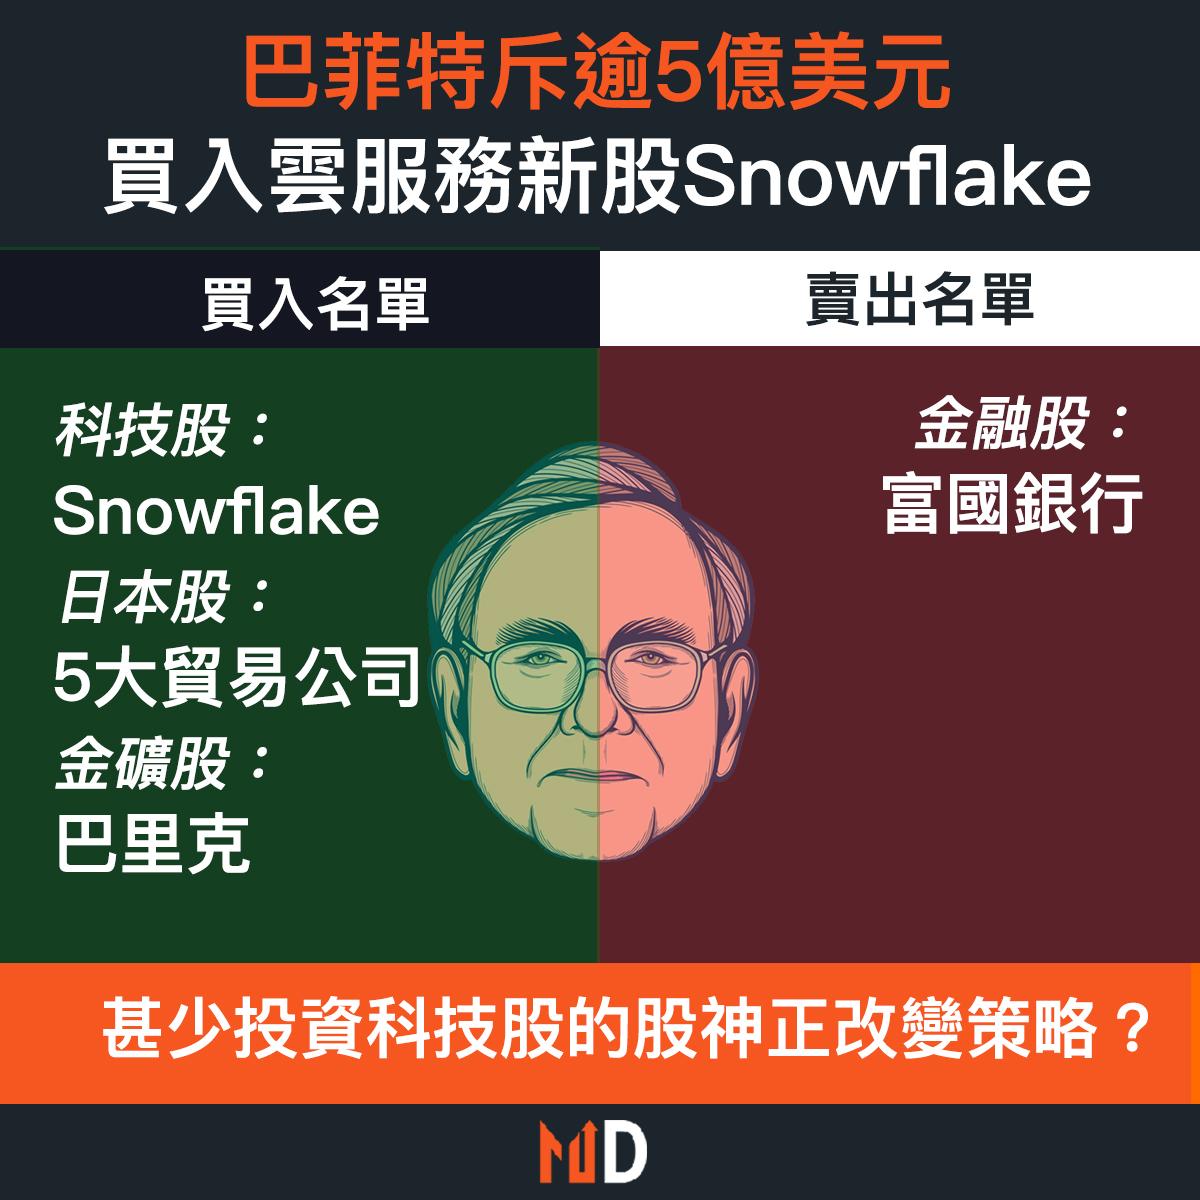 【市場熱話】巴菲特斥逾5億美元,買入雲服務新股Snowflake